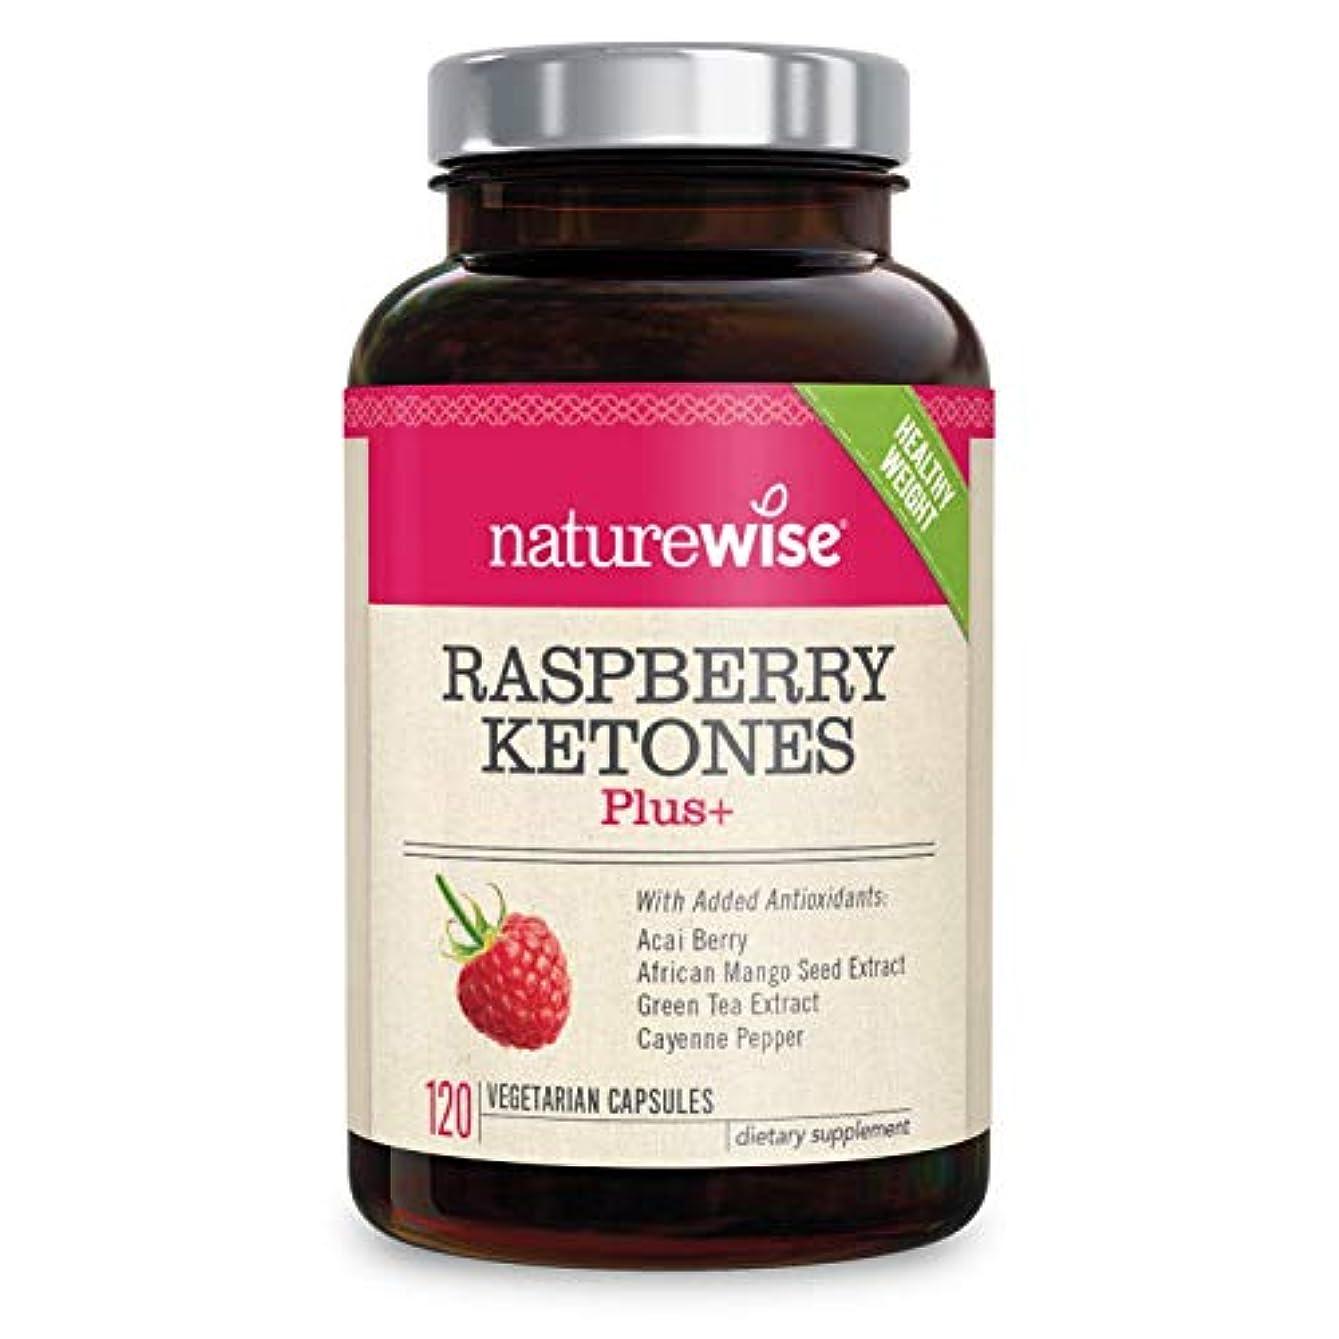 ヒップフィードオン発見するNatureWise Raspberry Ketones Plus ラズベリー ケトン プラス ケトジェニック ダイエット サプリ 120粒/60日分 [海外直送品]